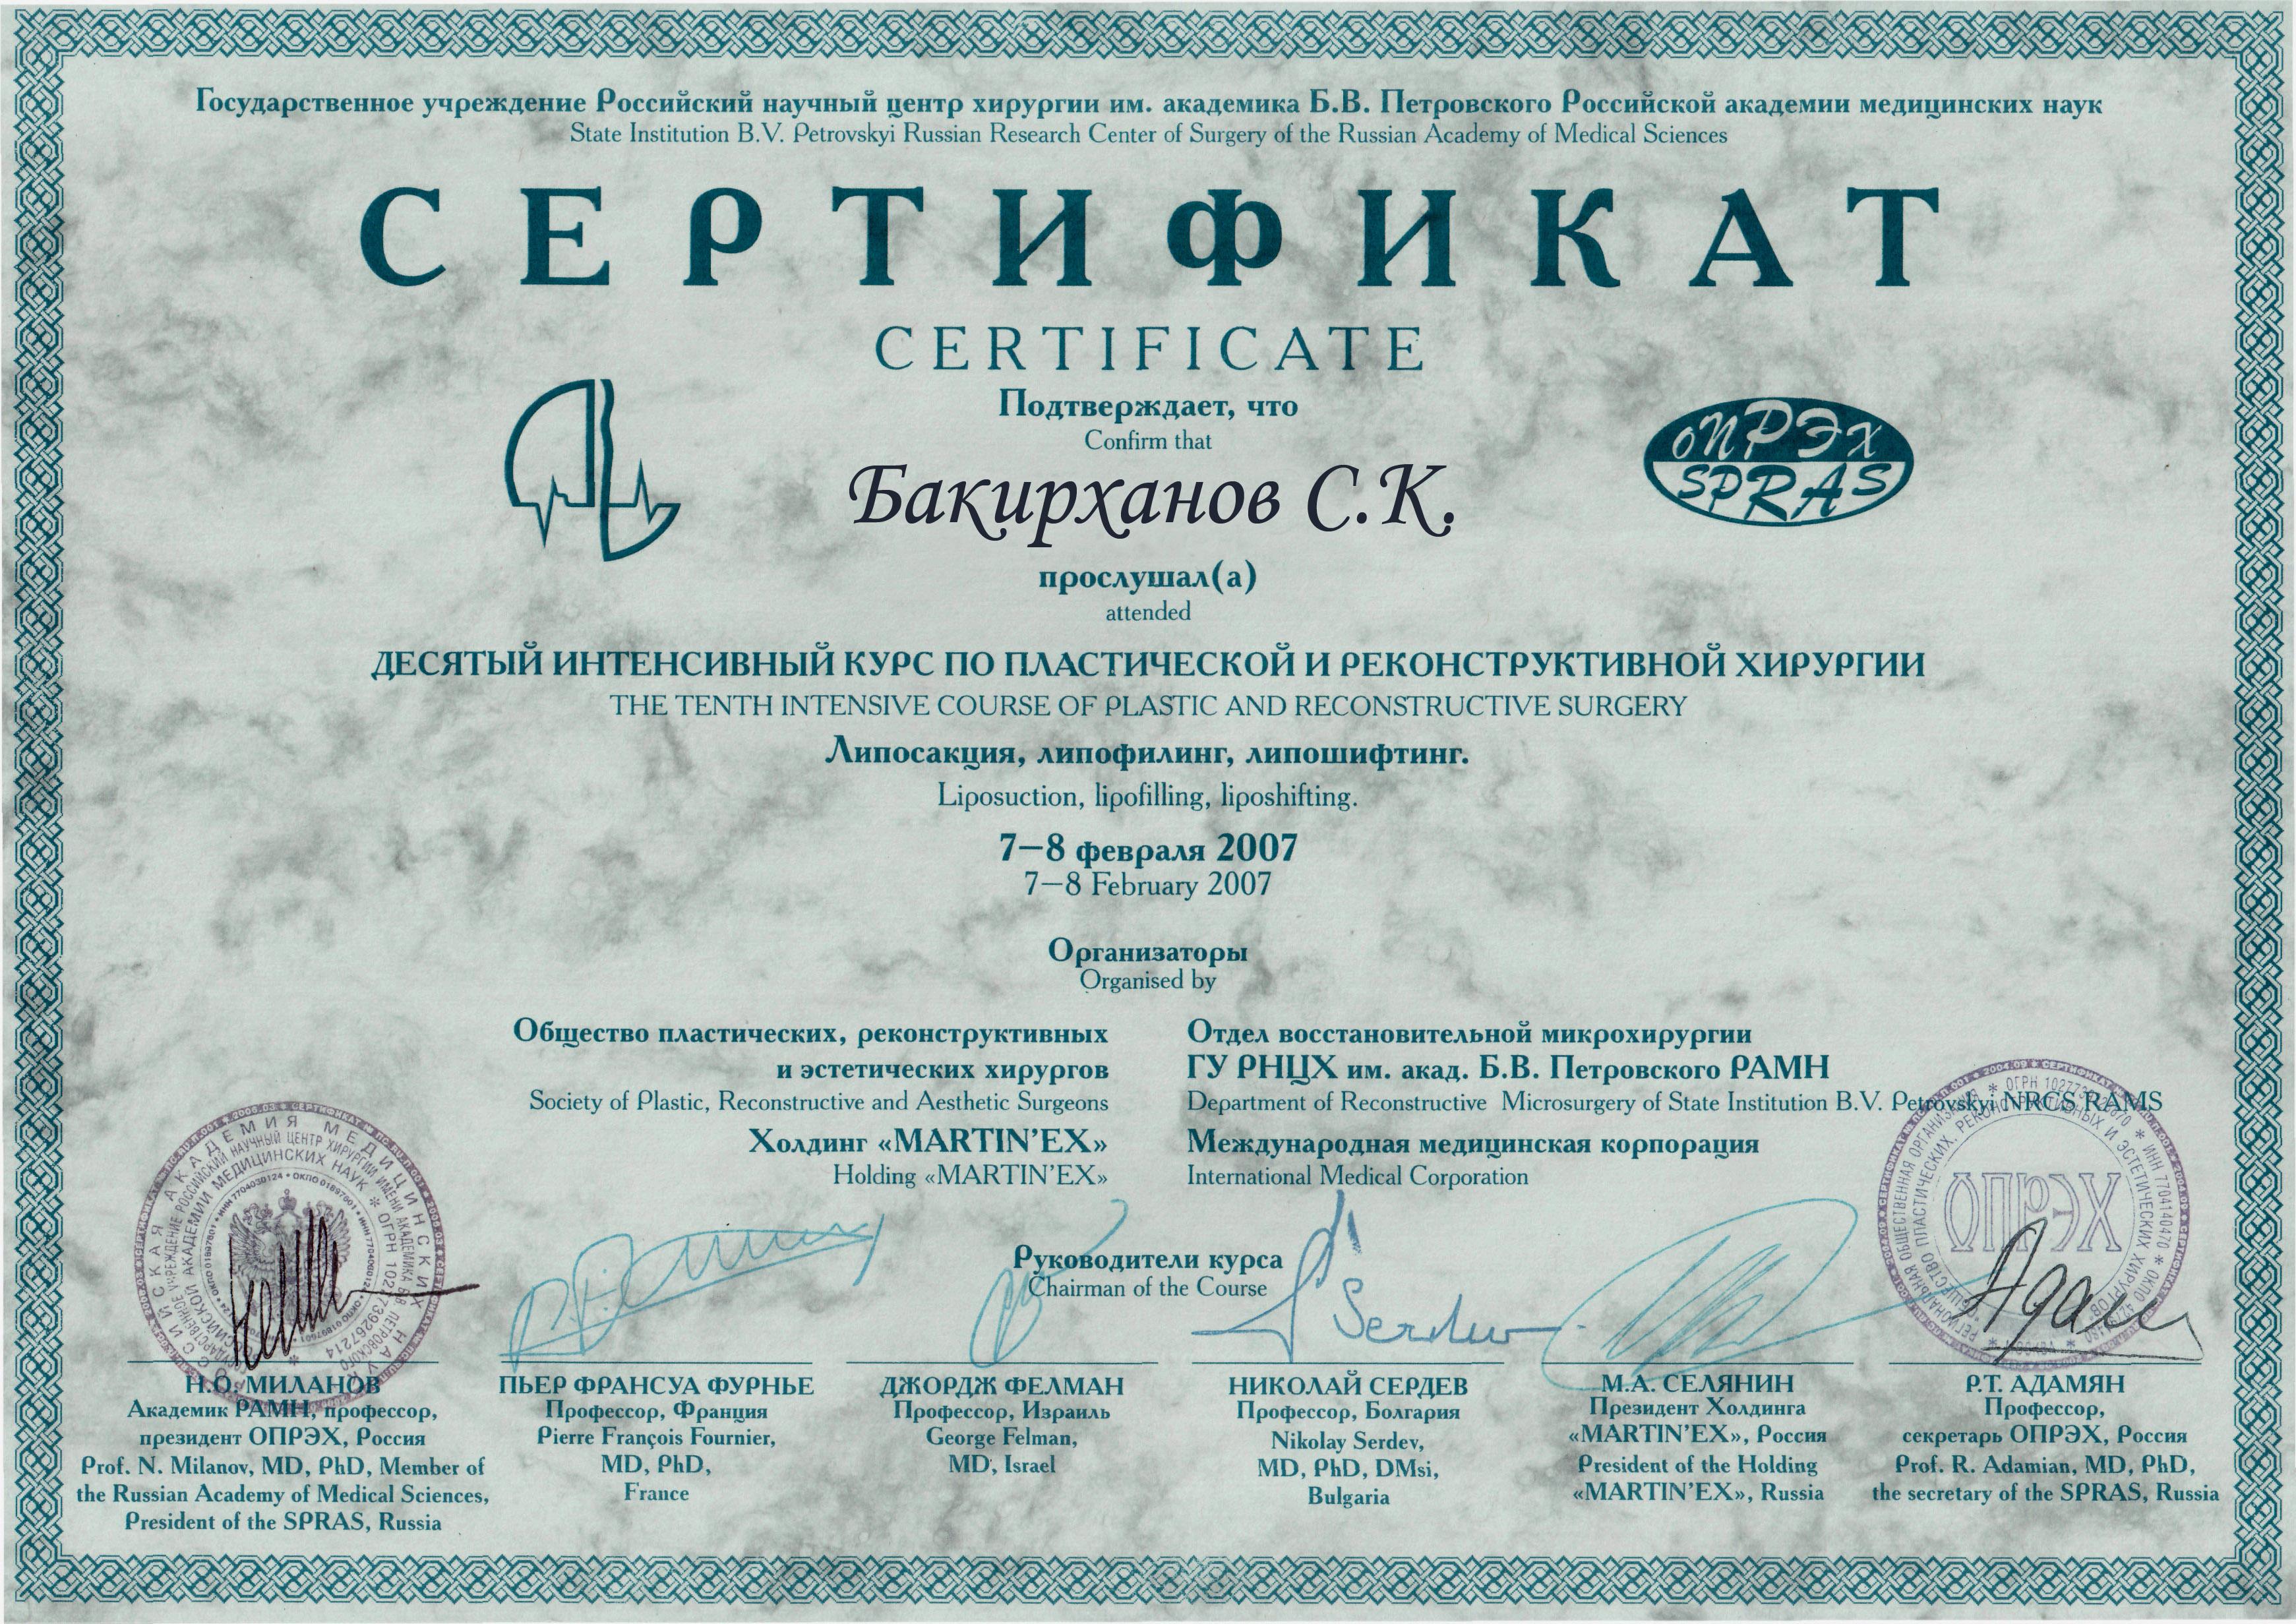 Сертификат Десятого Интенсивного Курса по пластической и реконструктивной хирургии